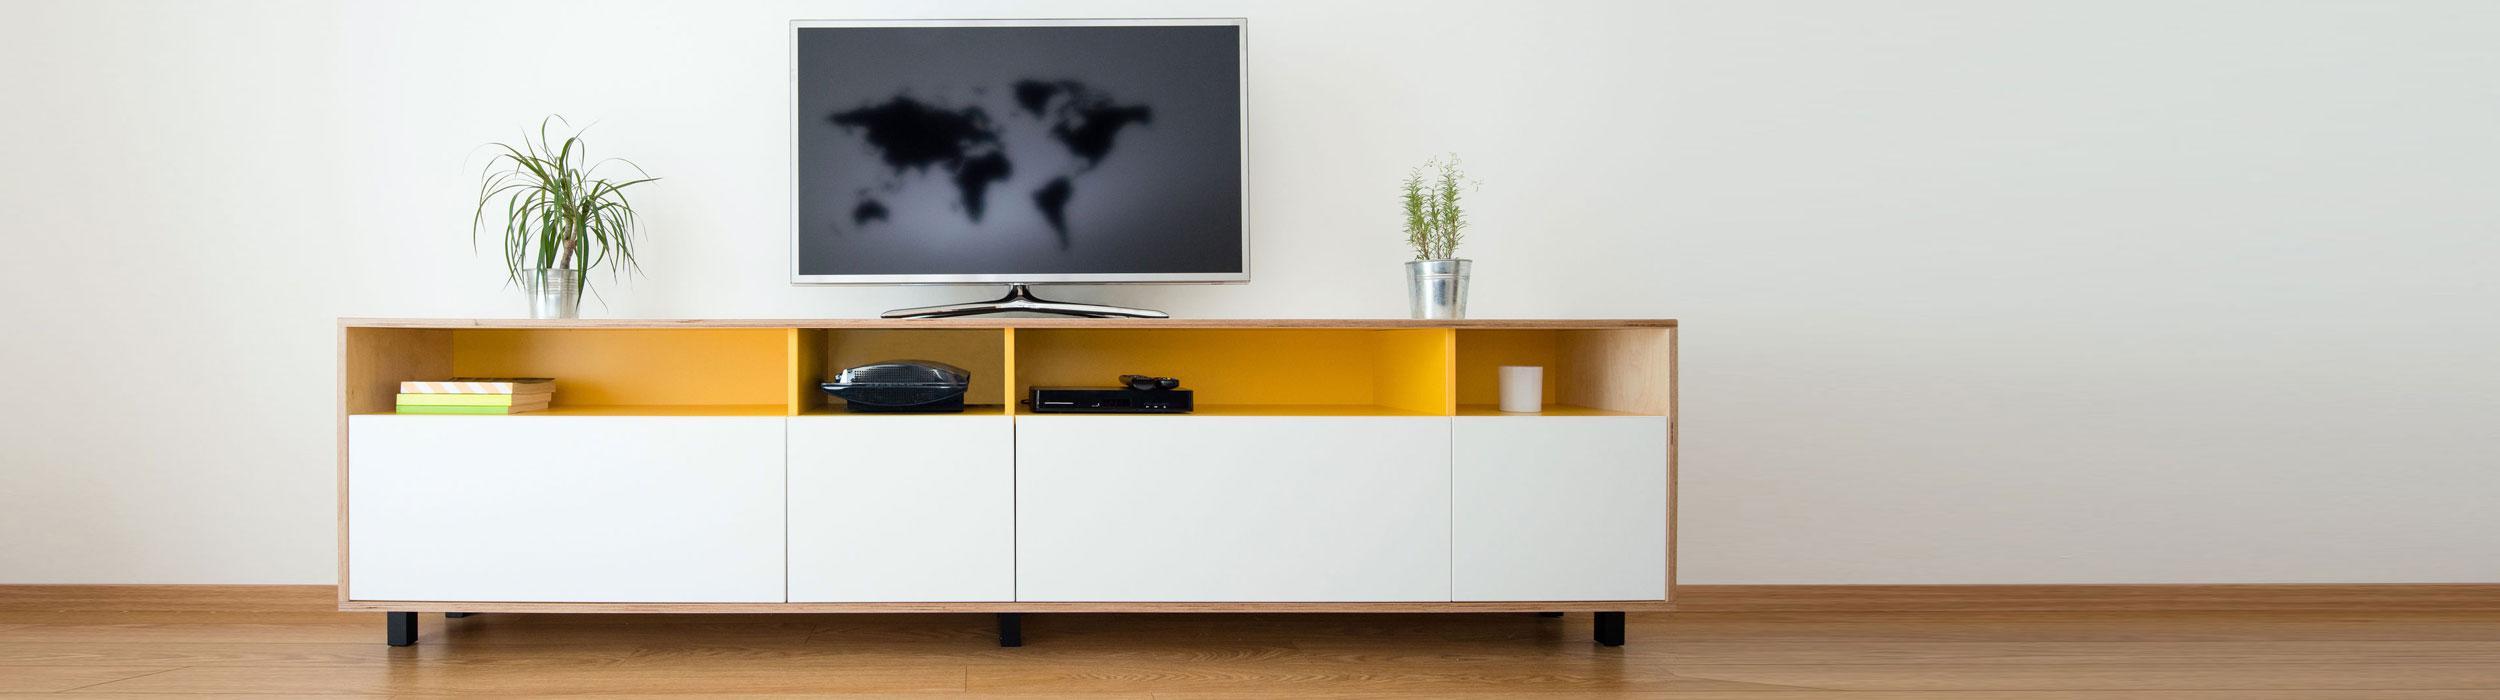 Mein-Massmoebel-Shop - Schrank nach Mass online planen, Möbel nach Mass